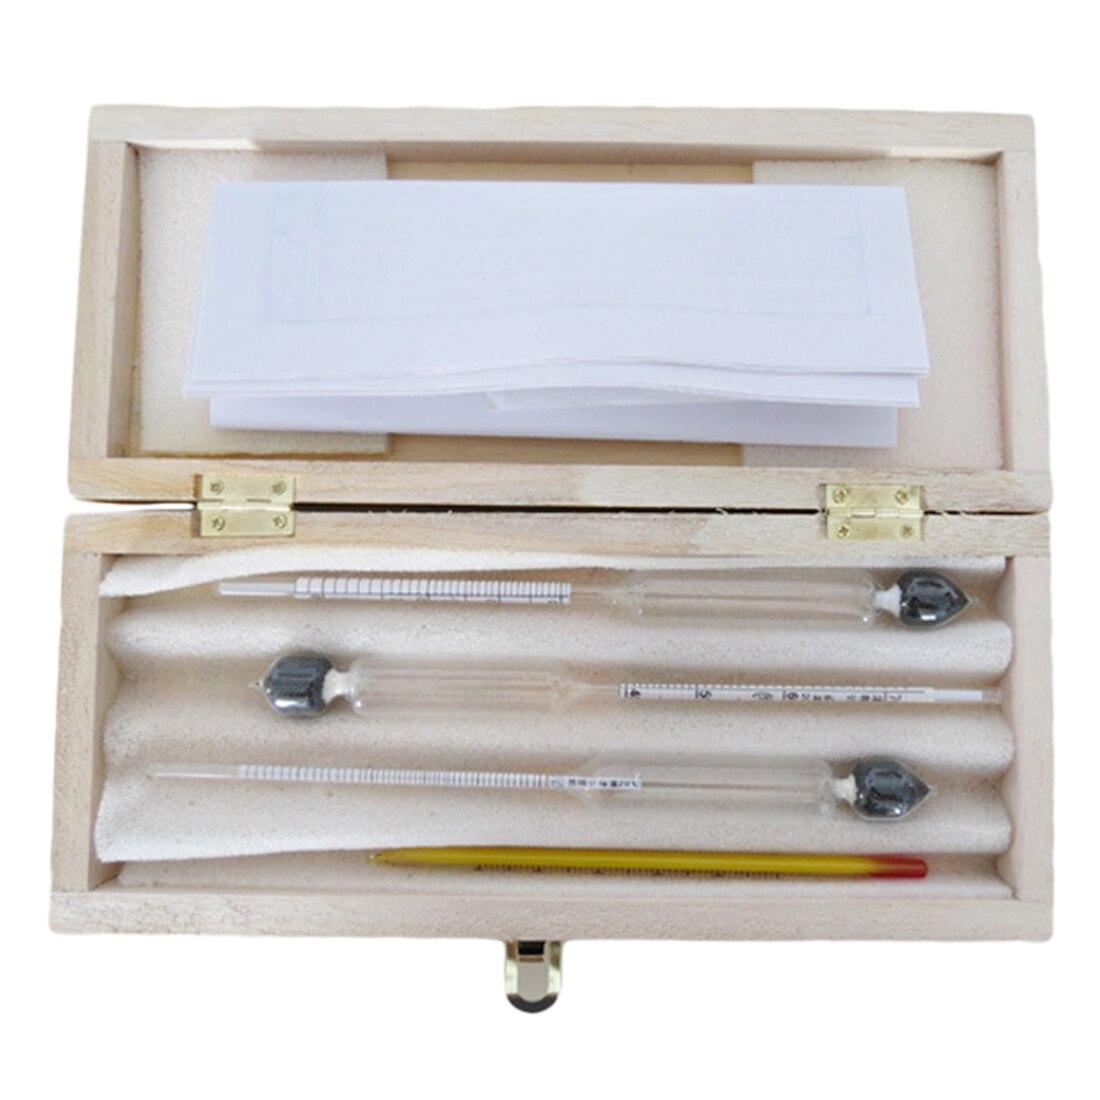 3 unids/set medidor de Alcohol medidor de concentración de vino medidor de Alcohol instrumento hidrómetro probador